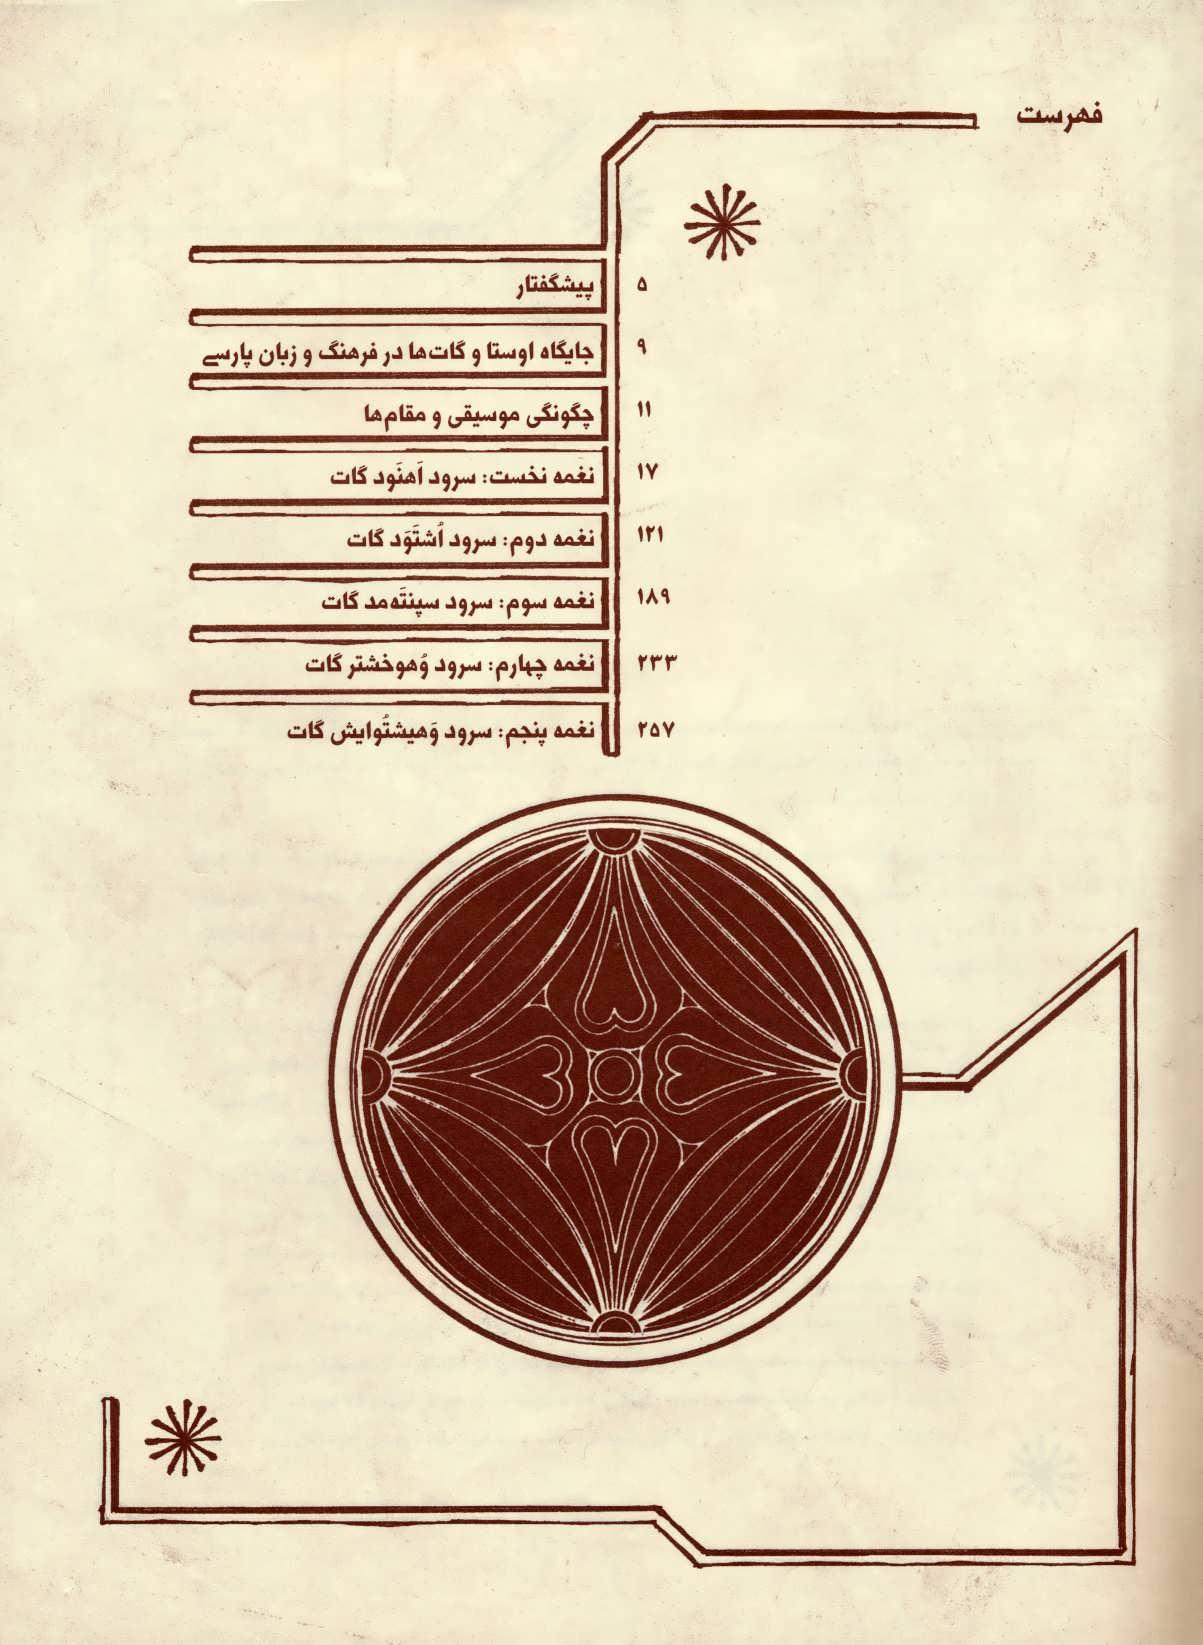 گاتاها نغمه های ایران باستان،همراه با سی دی (سه لتی)